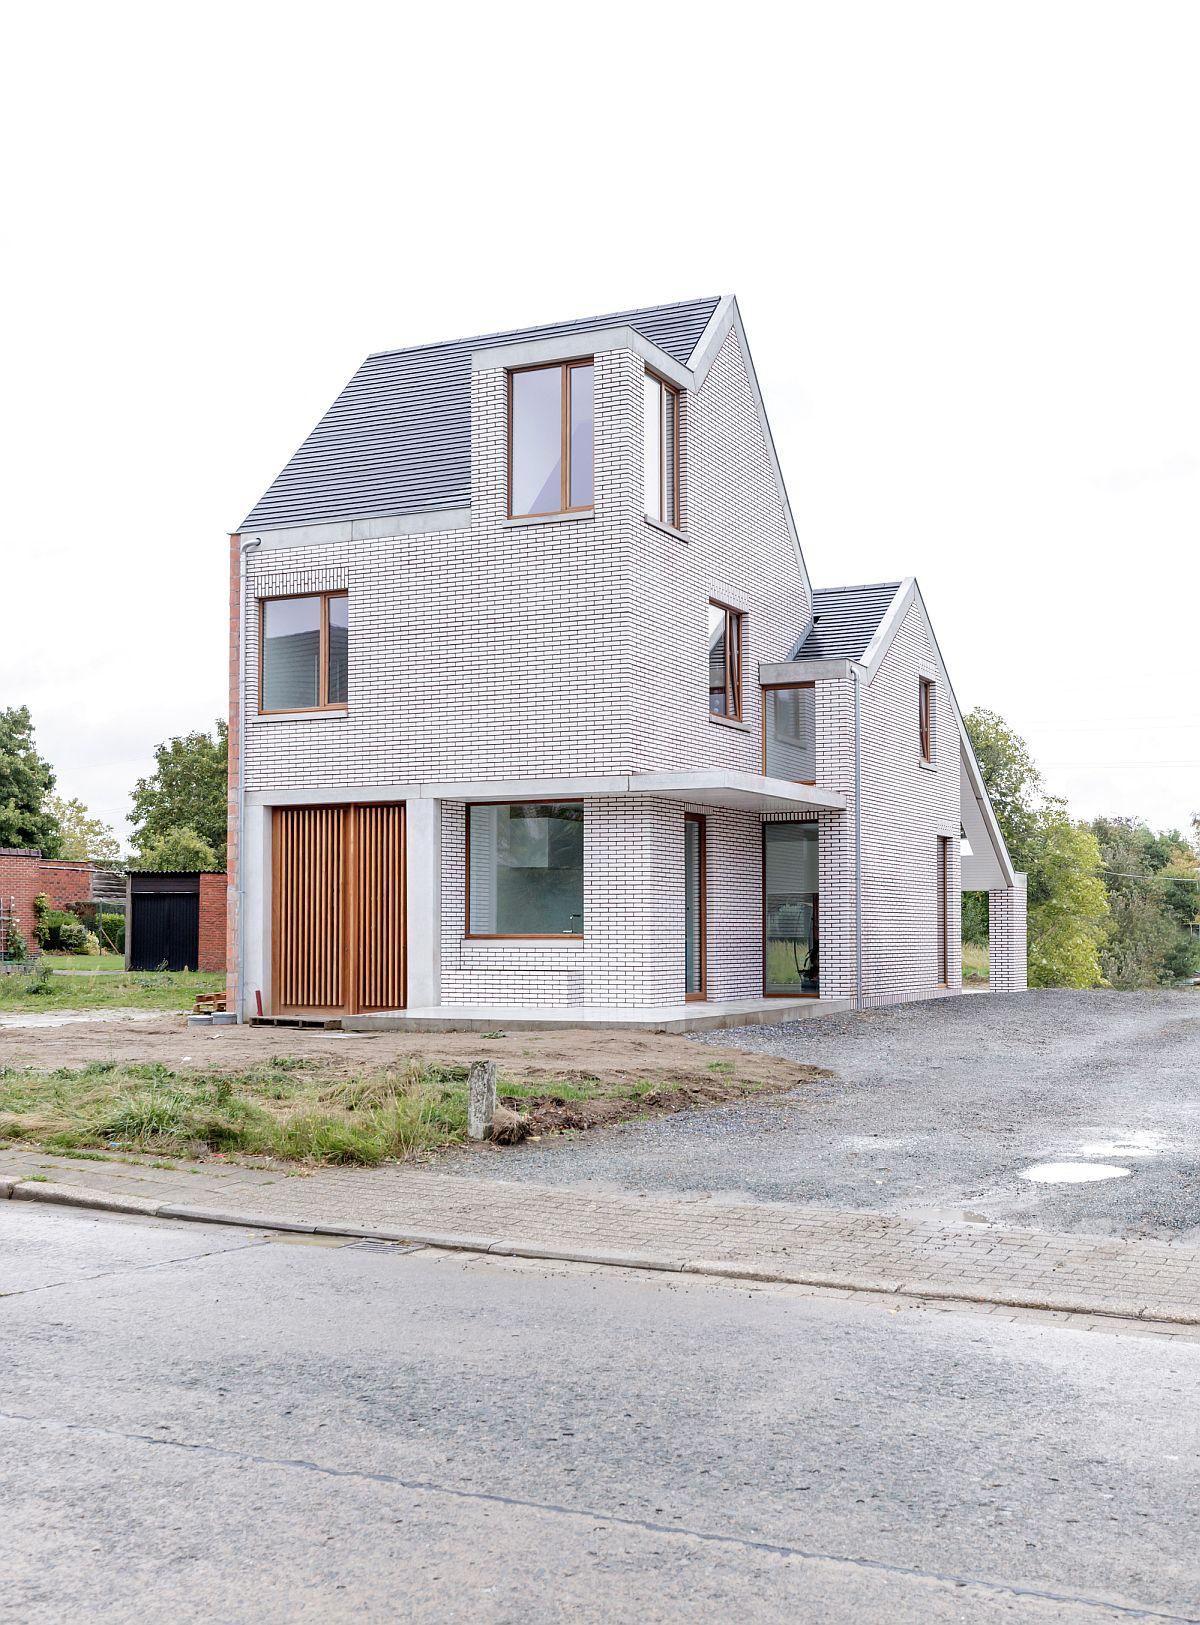 Ngôi nhà với vẻ đẹp bí ẩn khiến ai đi qua cũng tò mò vì ốp toàn bộ ngoại thất bằng gạch trắng kẻ đỏ - Ảnh 3.